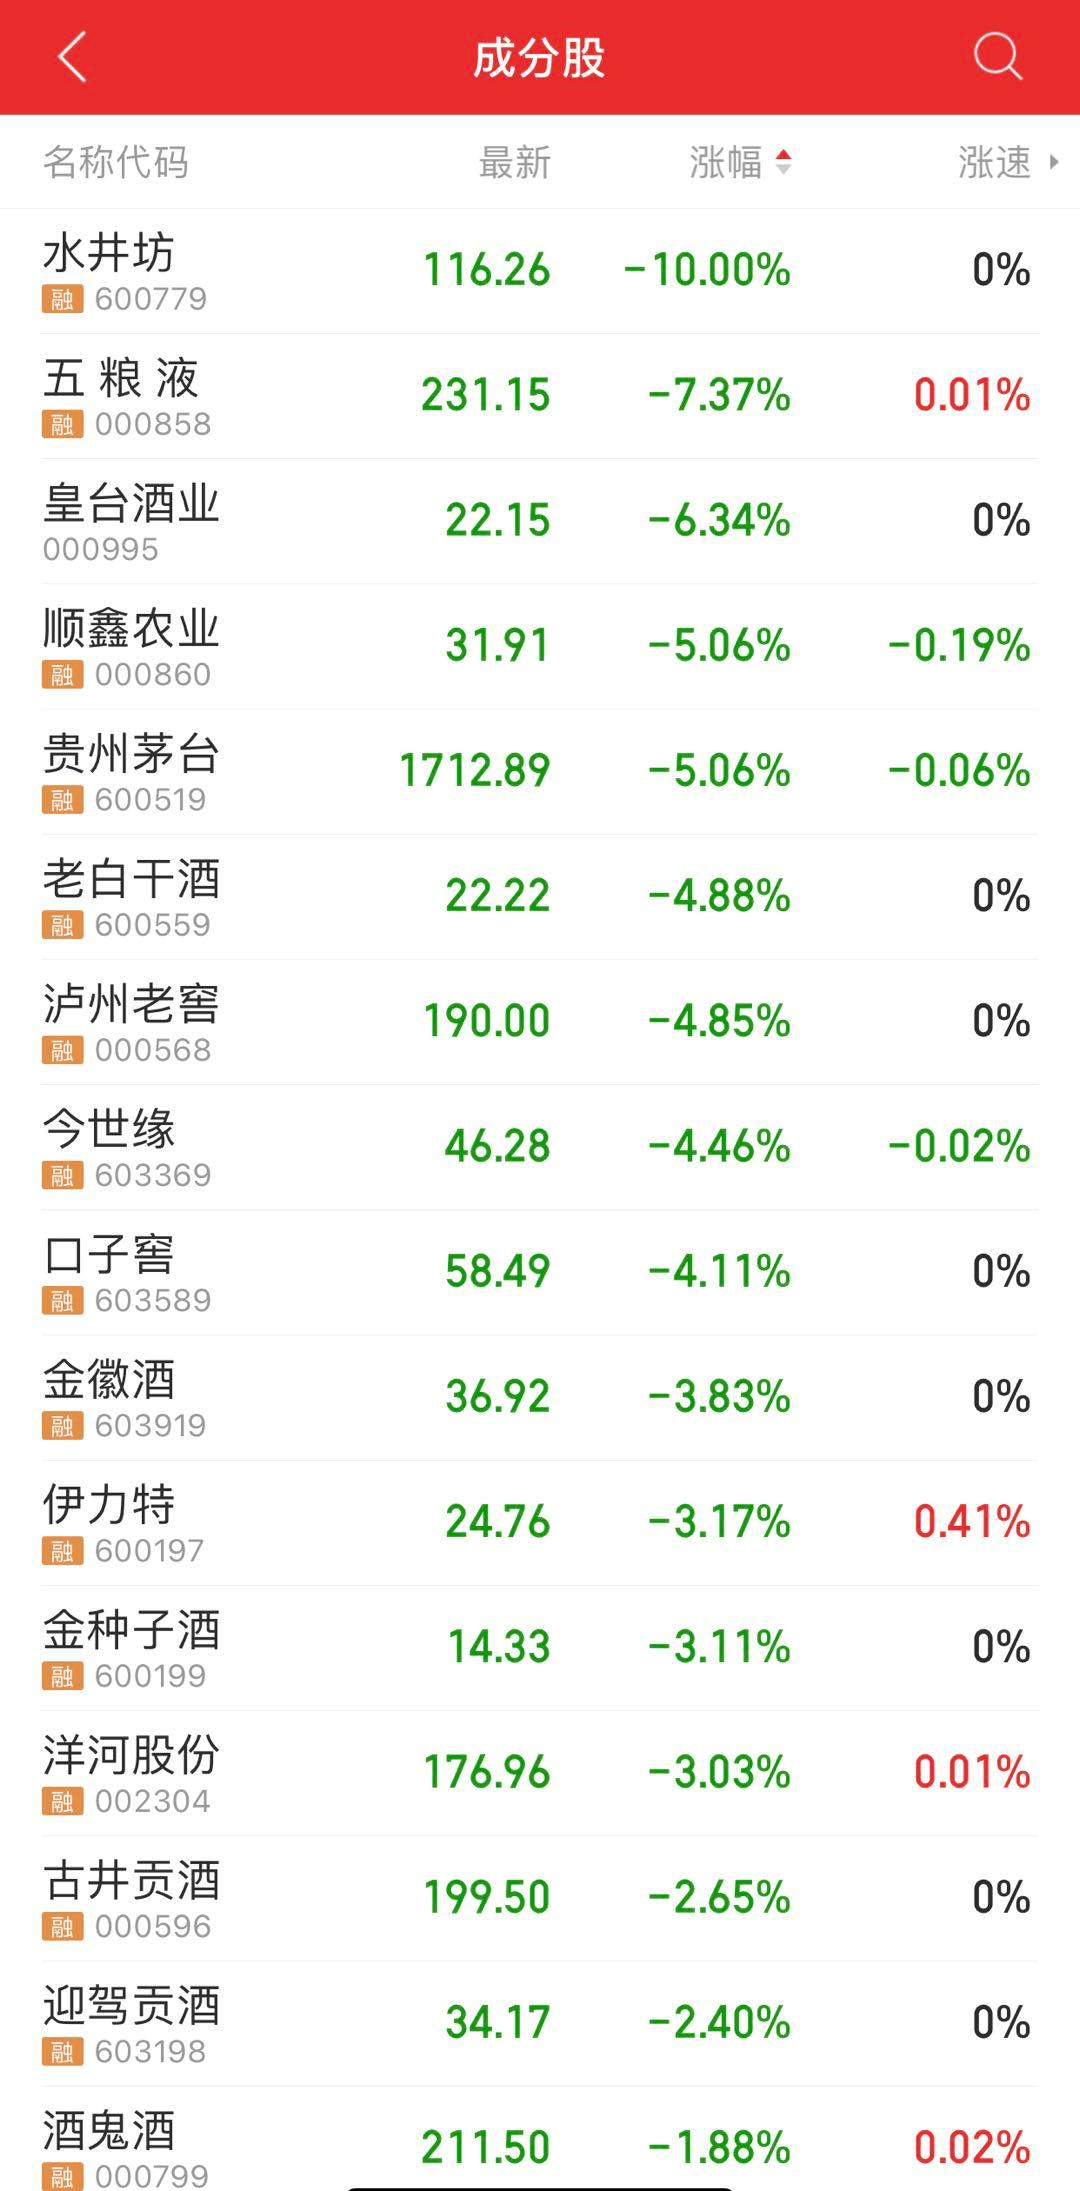 啥情况?沪指失守3400,茅台再跌5%,创业板一哥也跌超8%,恒生科技指数创最大跌幅...